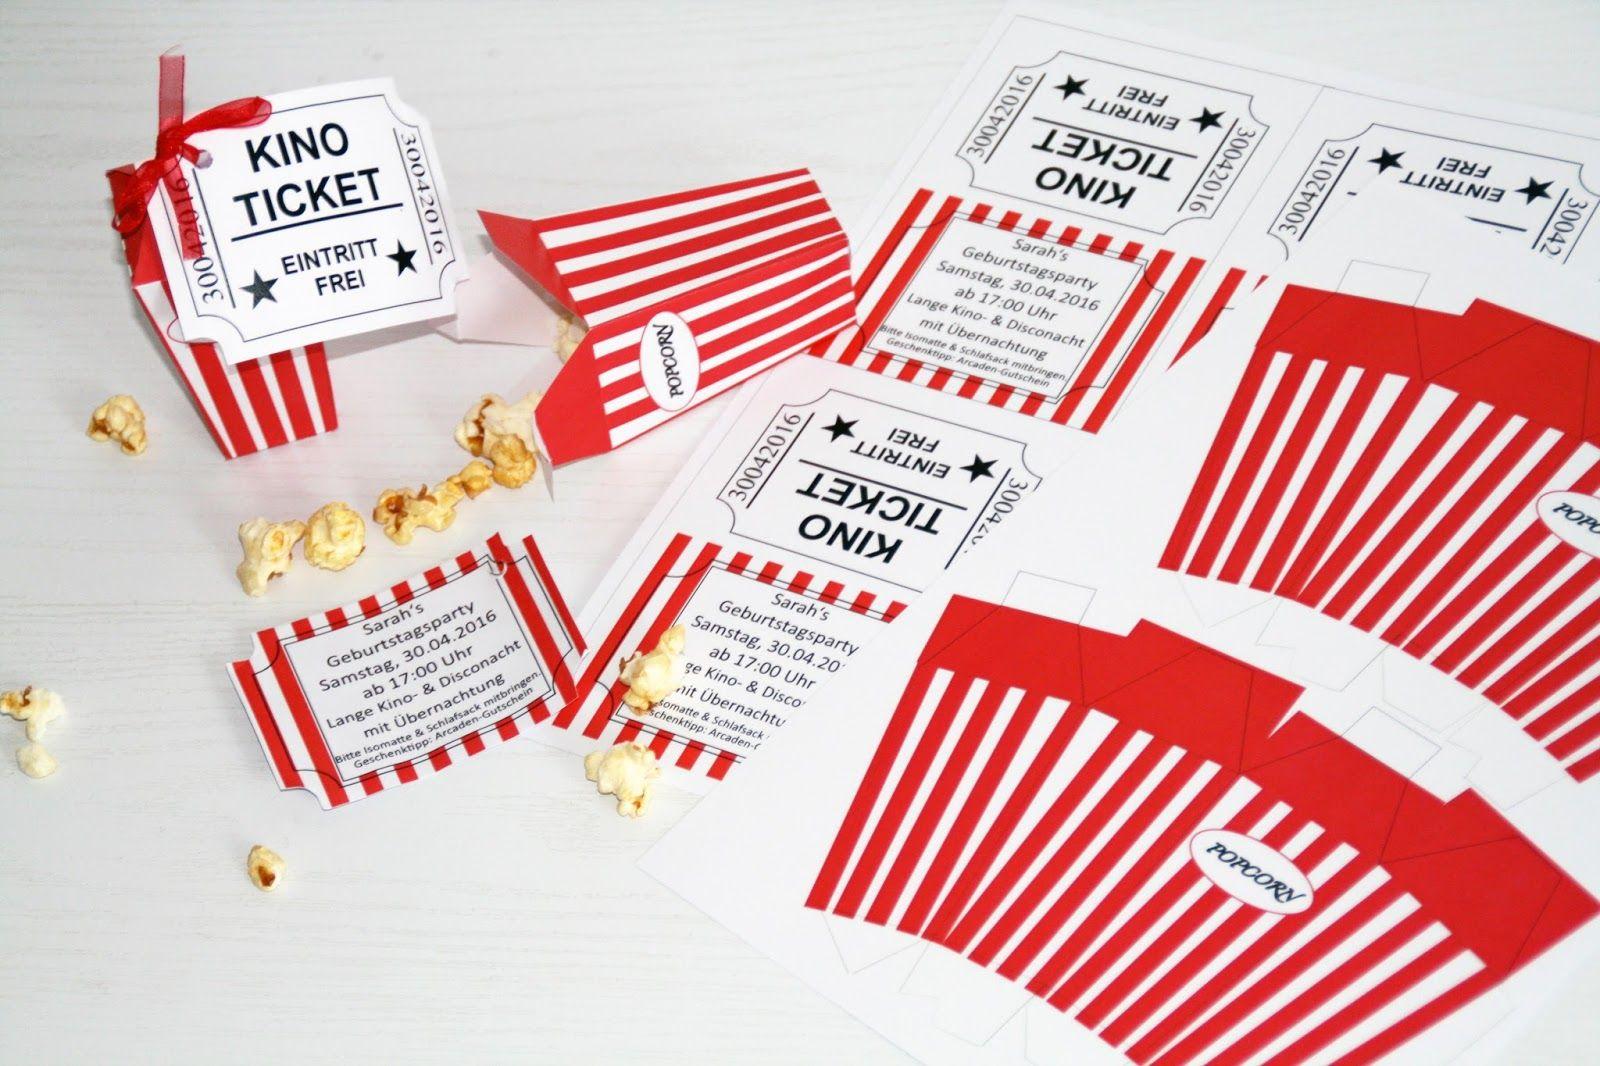 kino einladungskarten zum ausdrucken - sajawatpuja, Einladung ...